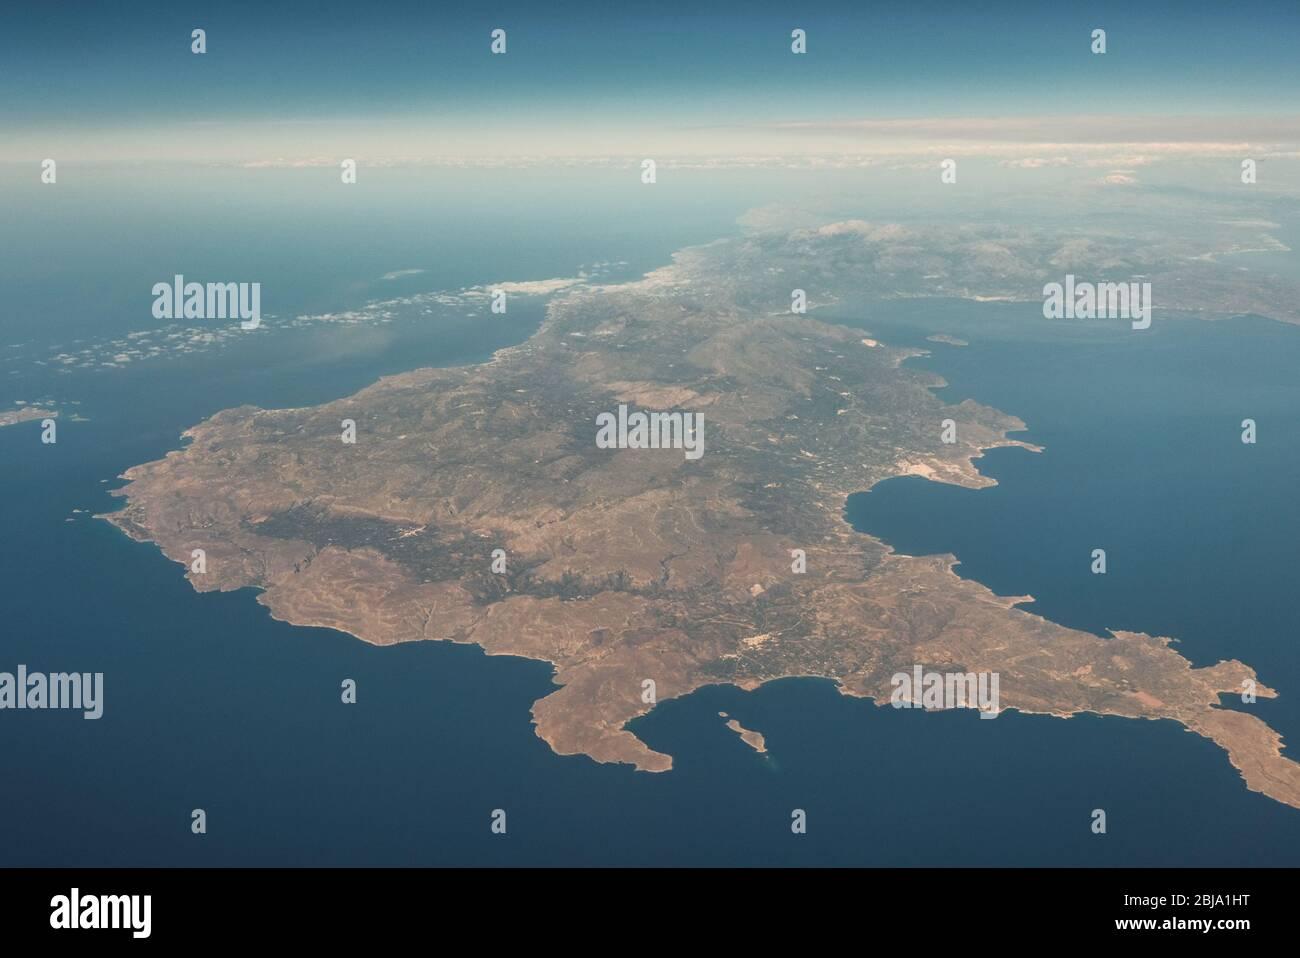 Vista aérea de Creta, la mayor de las islas griegas y una de las islas más grandes del Mar Mediterráneo Foto de stock